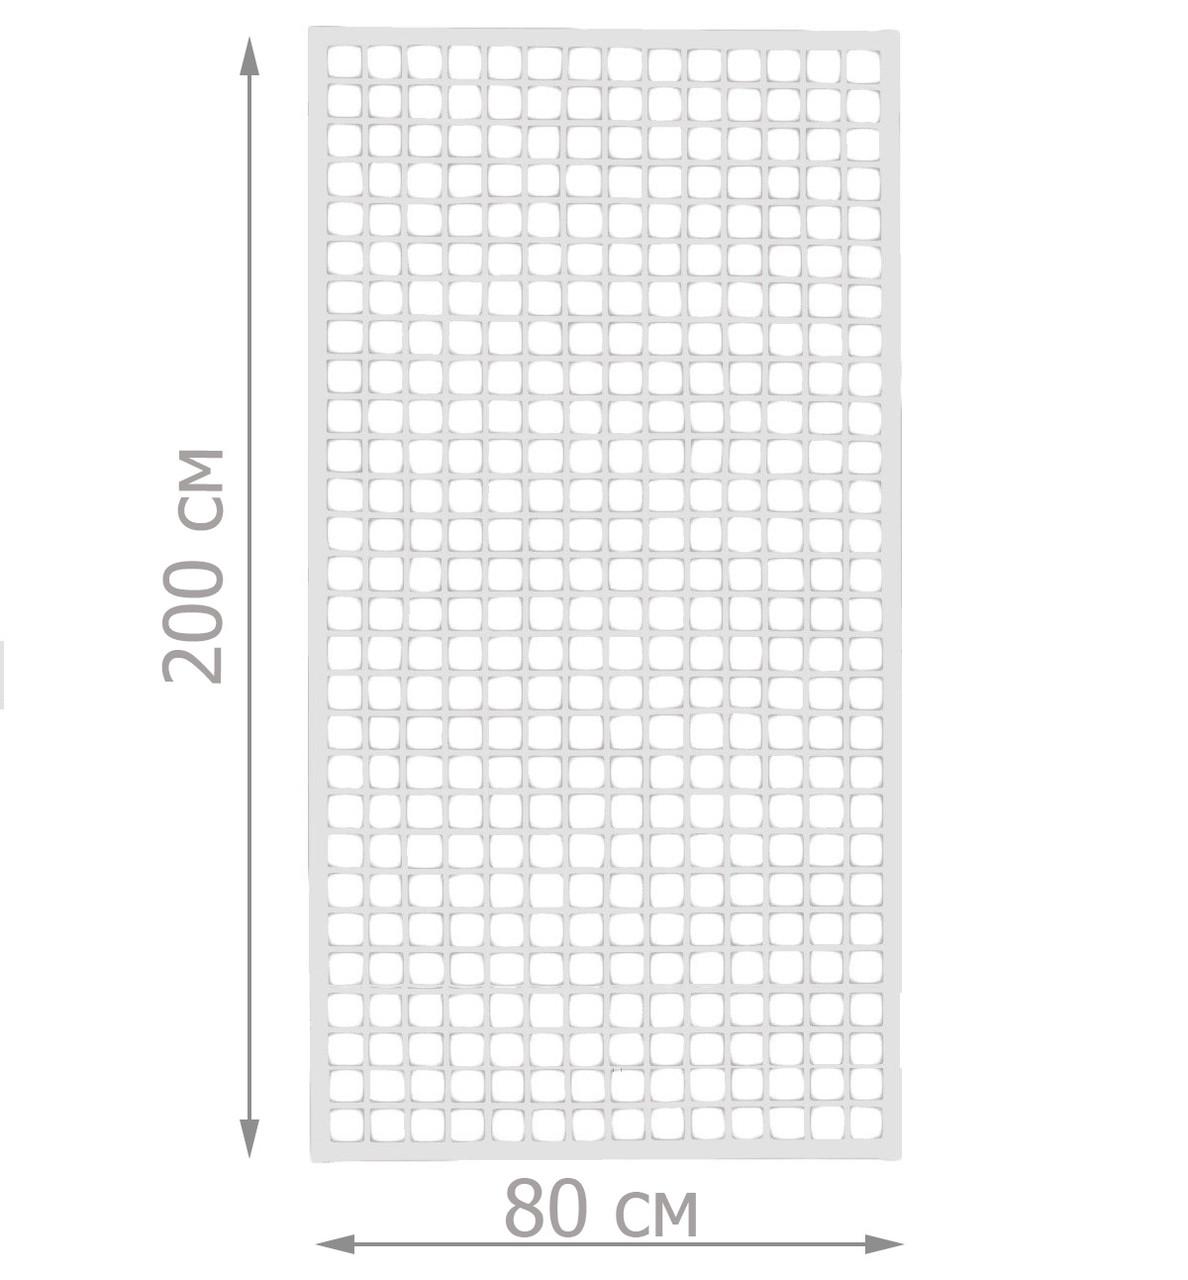 Торговая сетка стенд в рамке 80/200см профиль 20х20 мм (от производителя оптом и в розницу)